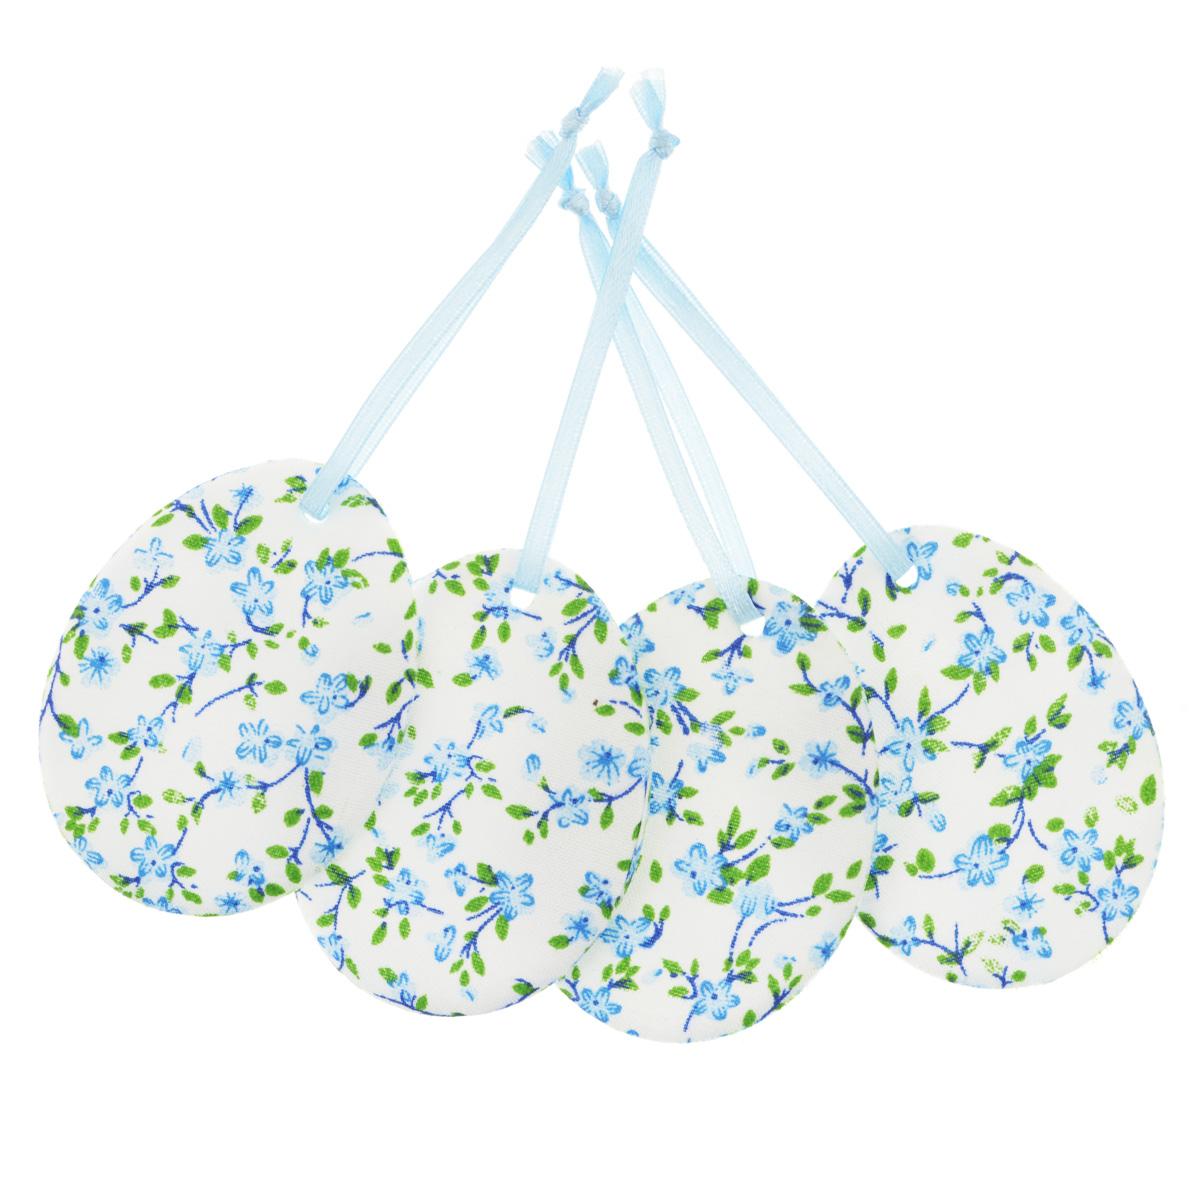 Набор пасхальных подвесных украшений Home Queen Яркий день, цвет: голубой, 4 шт60797_5Набор Home Queen Яркий день, изготовленный из полиэстера, состоит из четырех пасхальных подвесных украшений. Изделия выполнены в виде пасхальных яиц с мягким наполнителем, декорированы цветочным принтом и оснащены текстильными петельками для подвешивания. Такой набор прекрасно дополнит оформление вашего дома на Пасху. Размер украшения: 6,5 см х 5 см х 0,3 см.